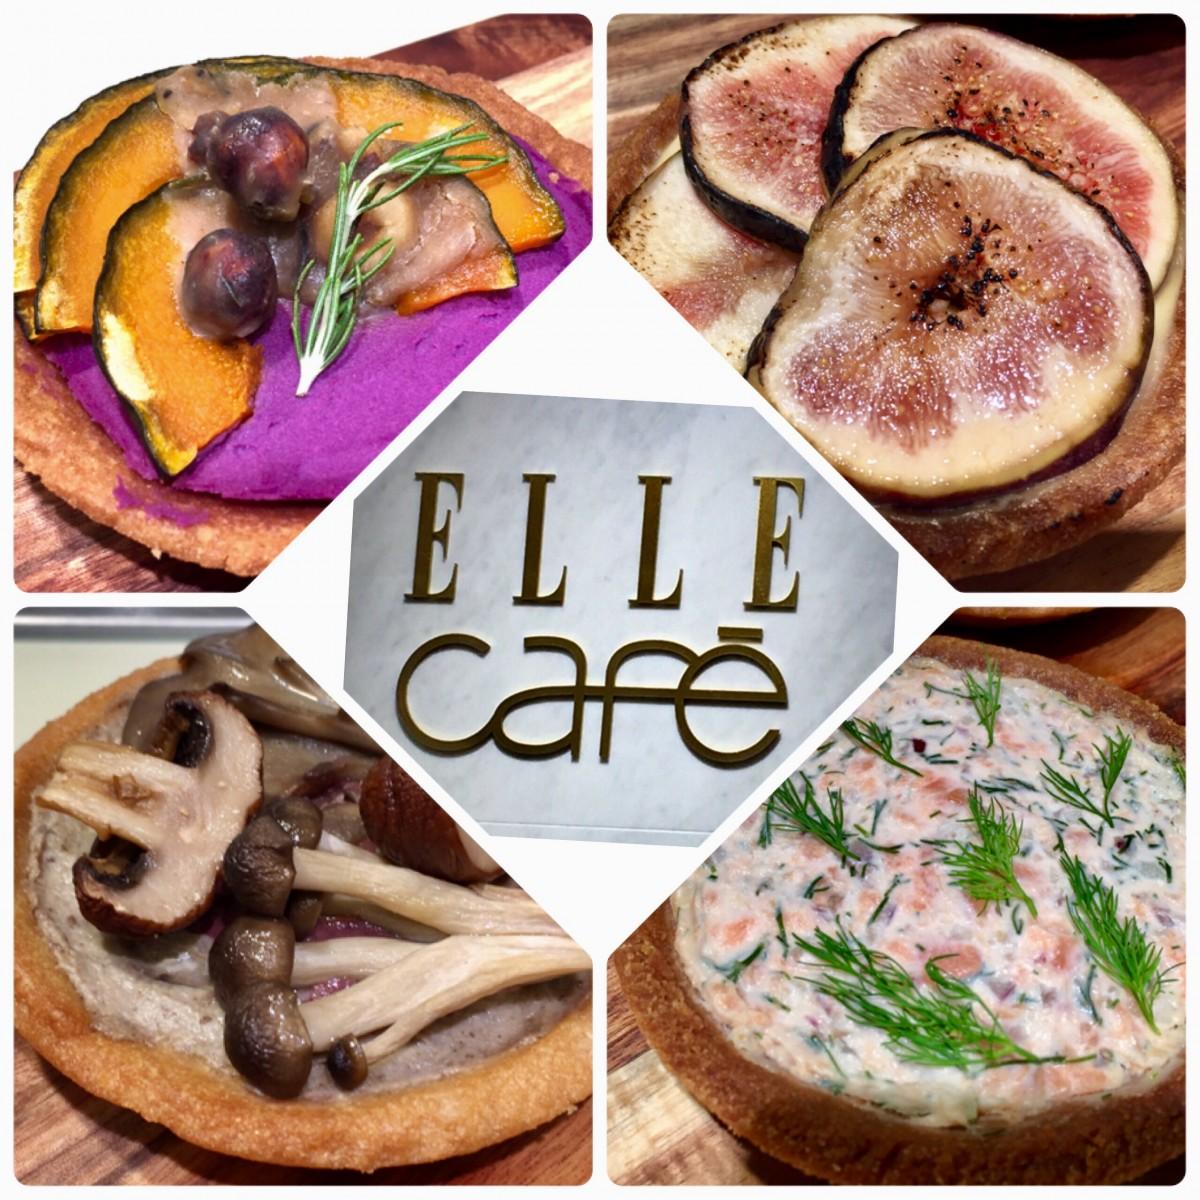 食から美しくがコンセプト。ELLE cafe渋谷ヒカリエ ShinQs店9/16 OPEN ショーケースの美しさにうっとり。グルテンフリー、低糖質アイテムもあります。